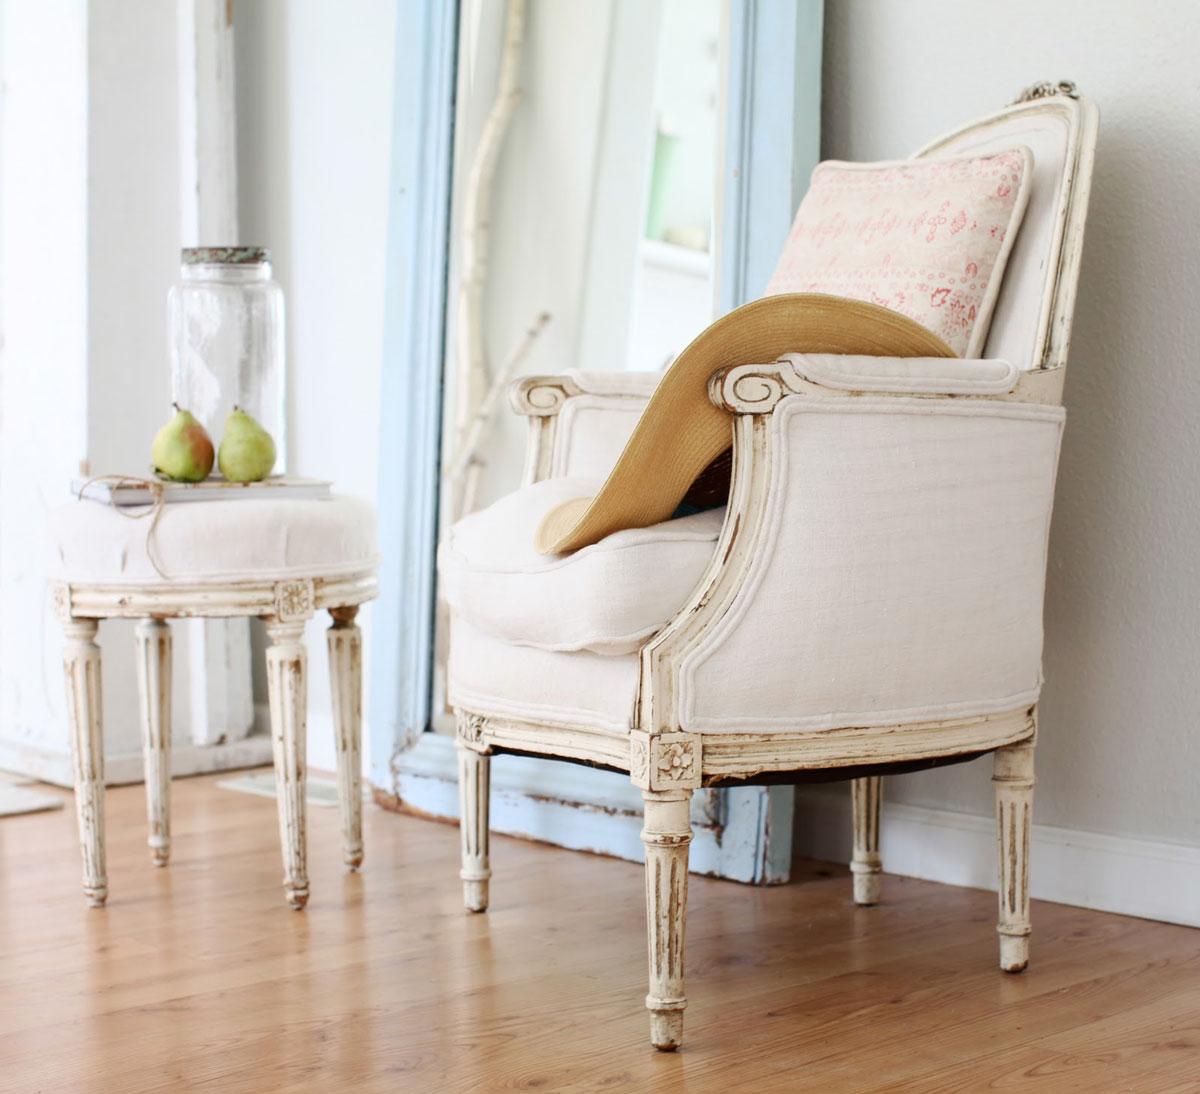 Bielone, stylizowane na antyki meble: krzesło, stołek i lustro z błękitną ramą